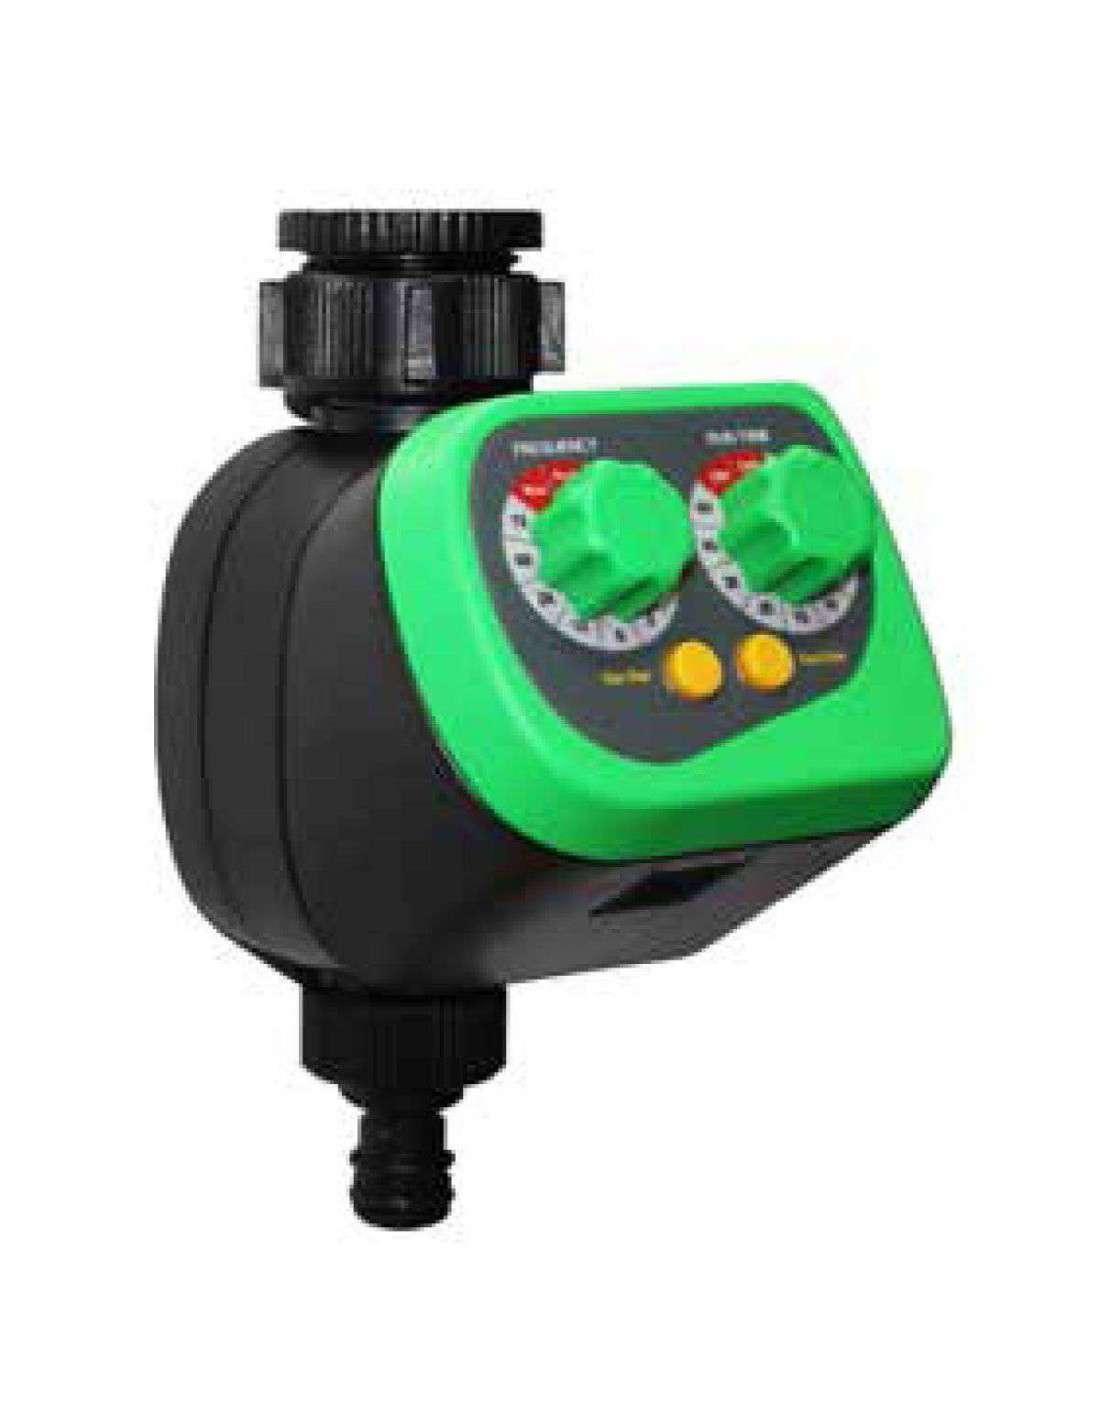 Programador riego y nebulizaci n en cocopot huerto y jard n for Nebulizadores de agua